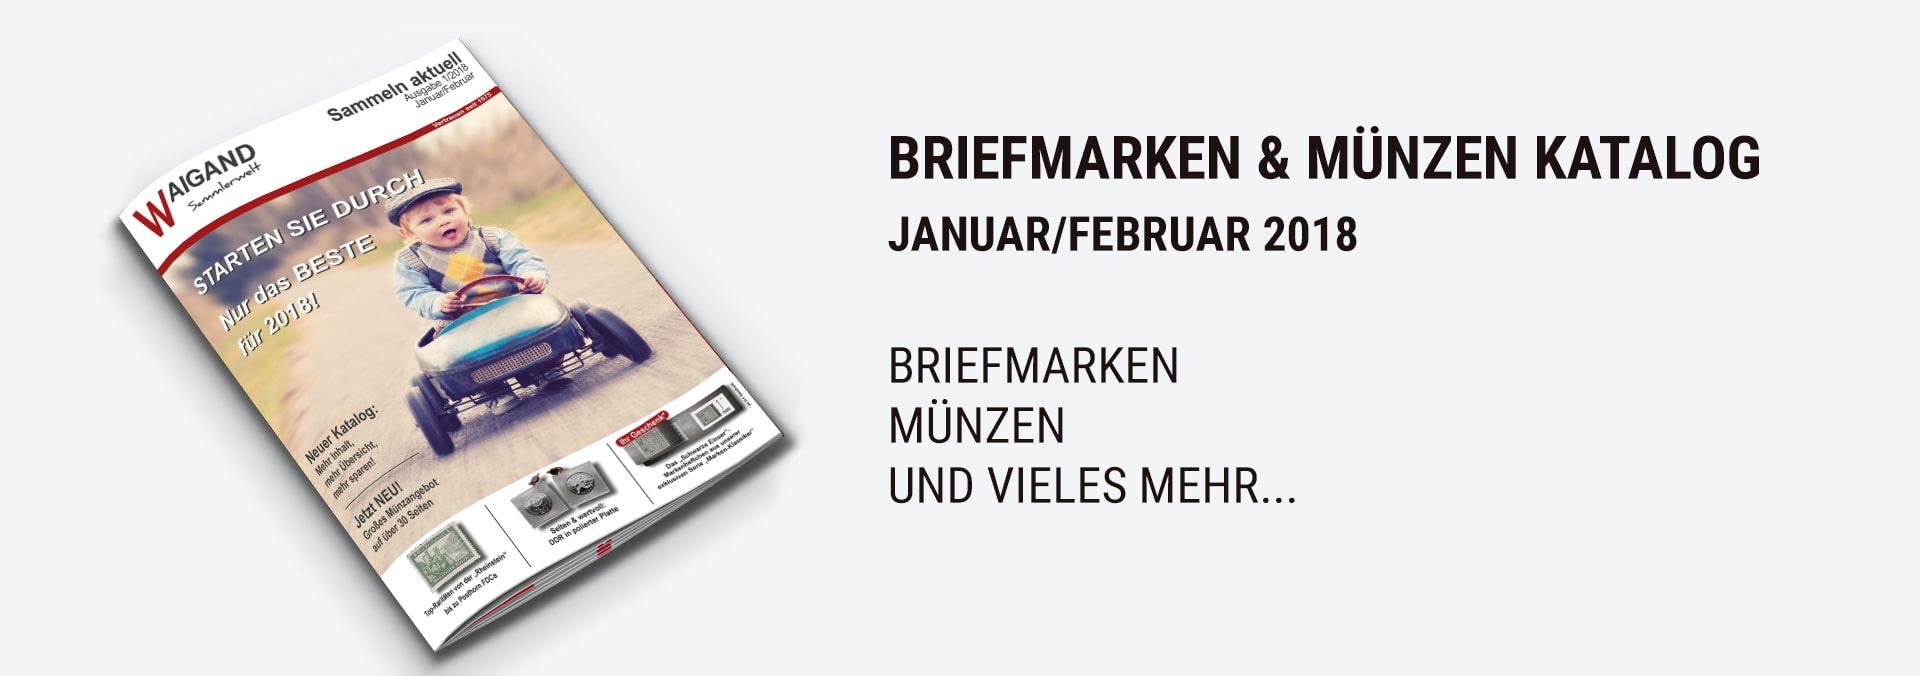 Briefmarken-Muenzen-Katalog-2018-Januar-februar